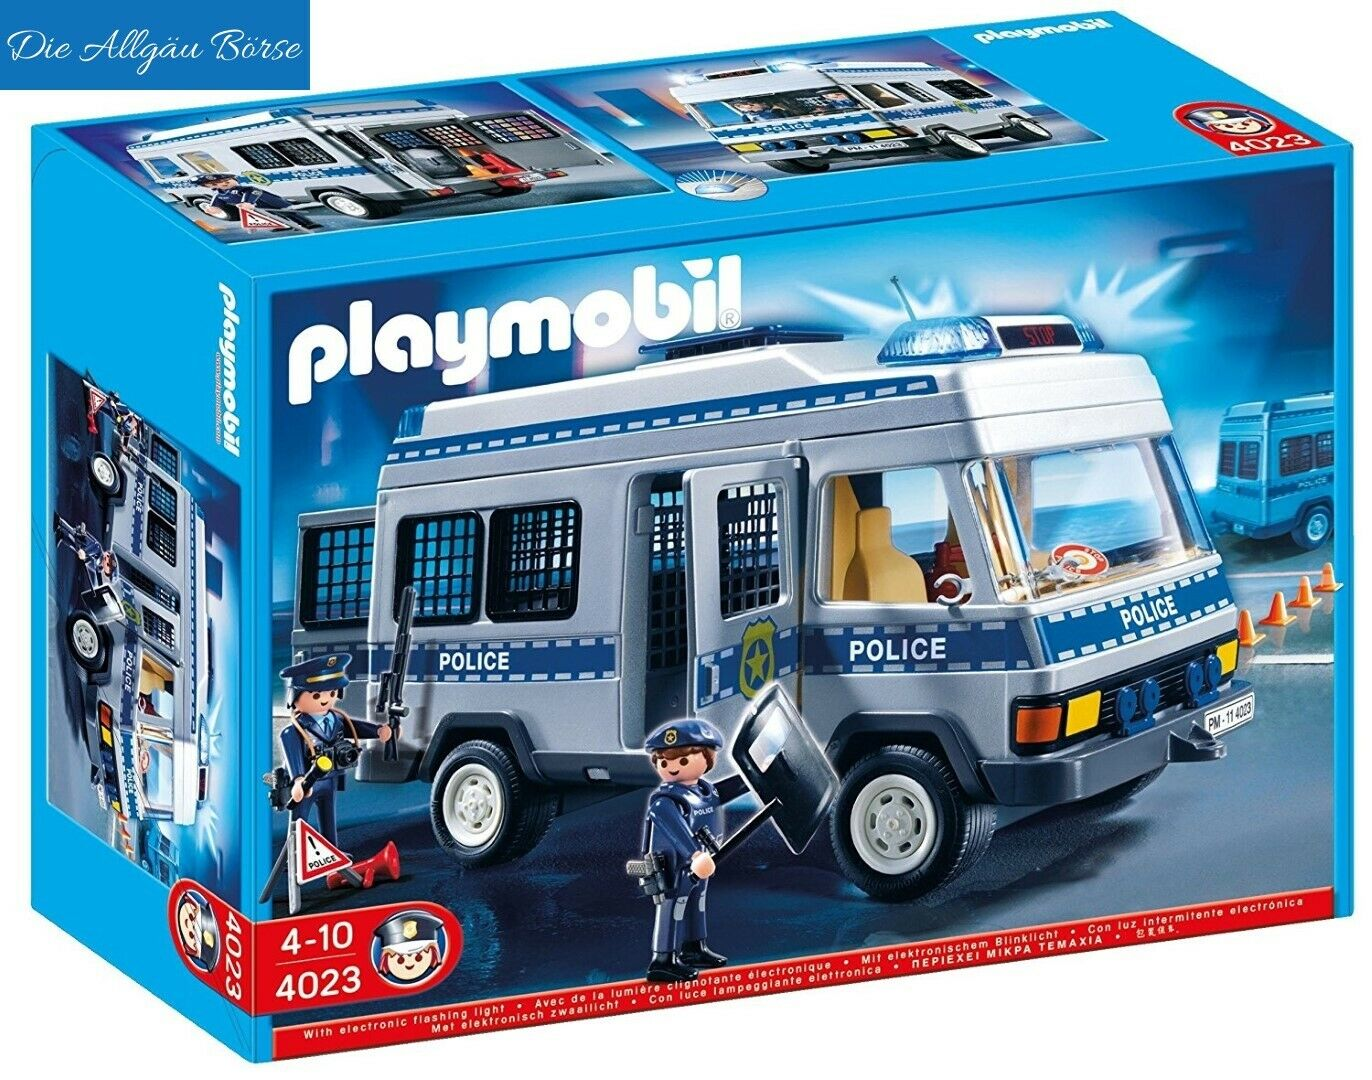 Playmobil 4023 Polizei Mannschaftswagen City Action Police selten Neu OVP